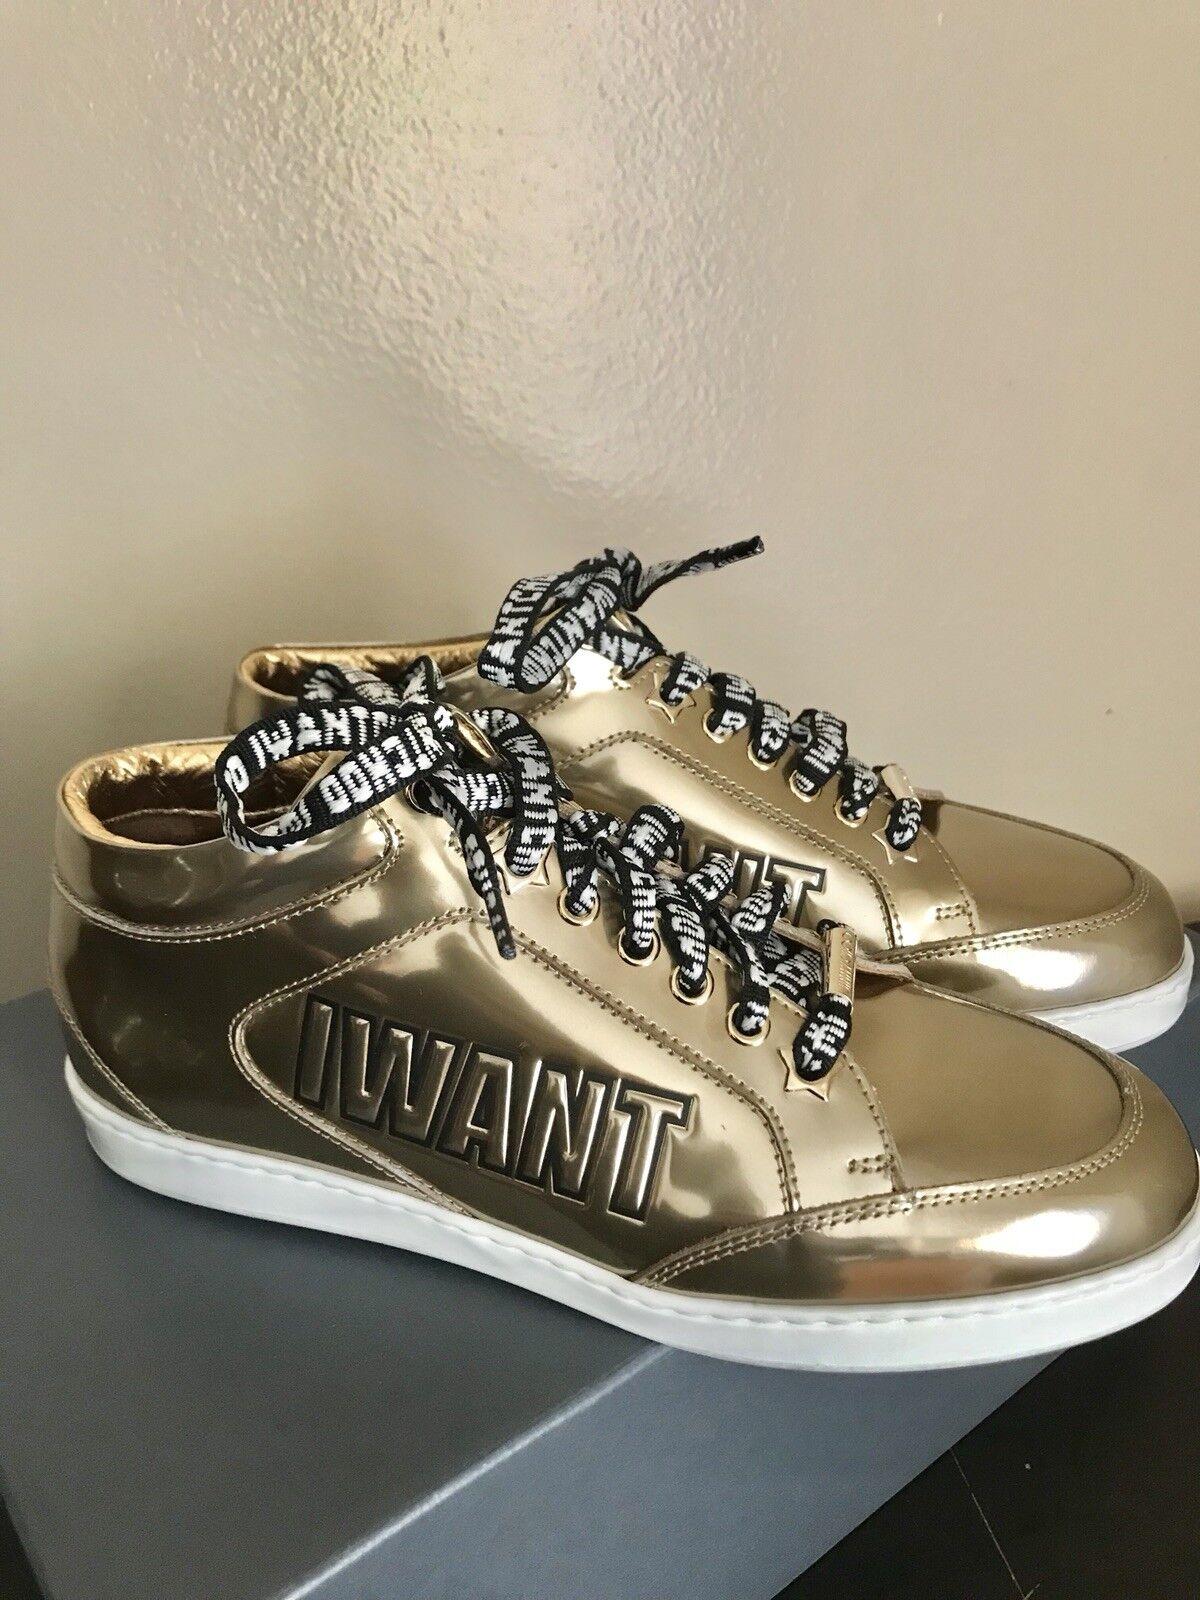 Brand New Jimmy Choo Miami Miami Miami Logo Mettalic Woman's Leather Sneaker 100% Authentic e55174